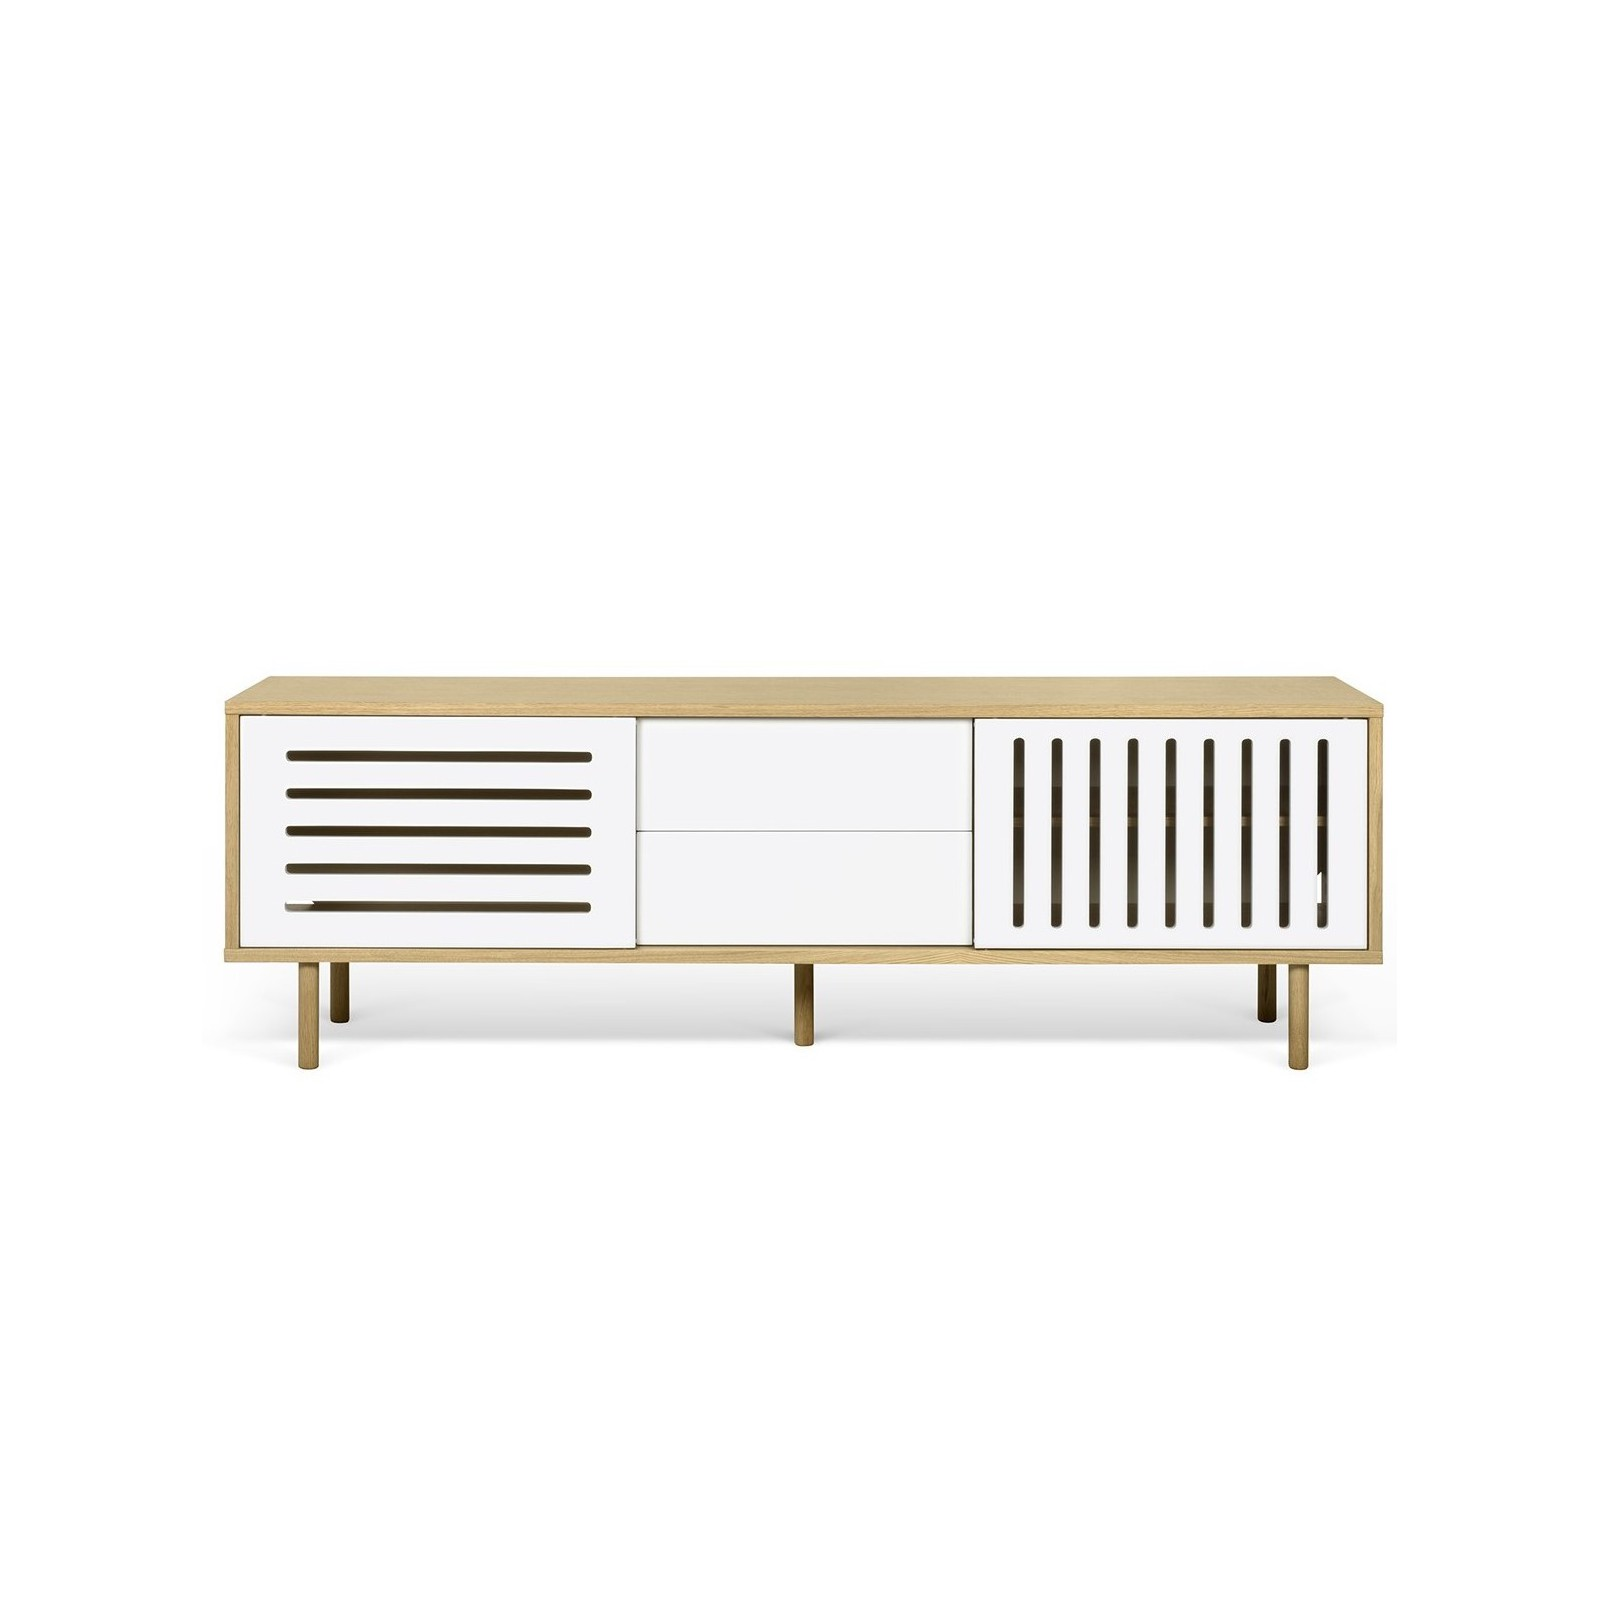 Meuble tv danois blanc et bois ray arne concept - Meuble tv blanc et bois ...